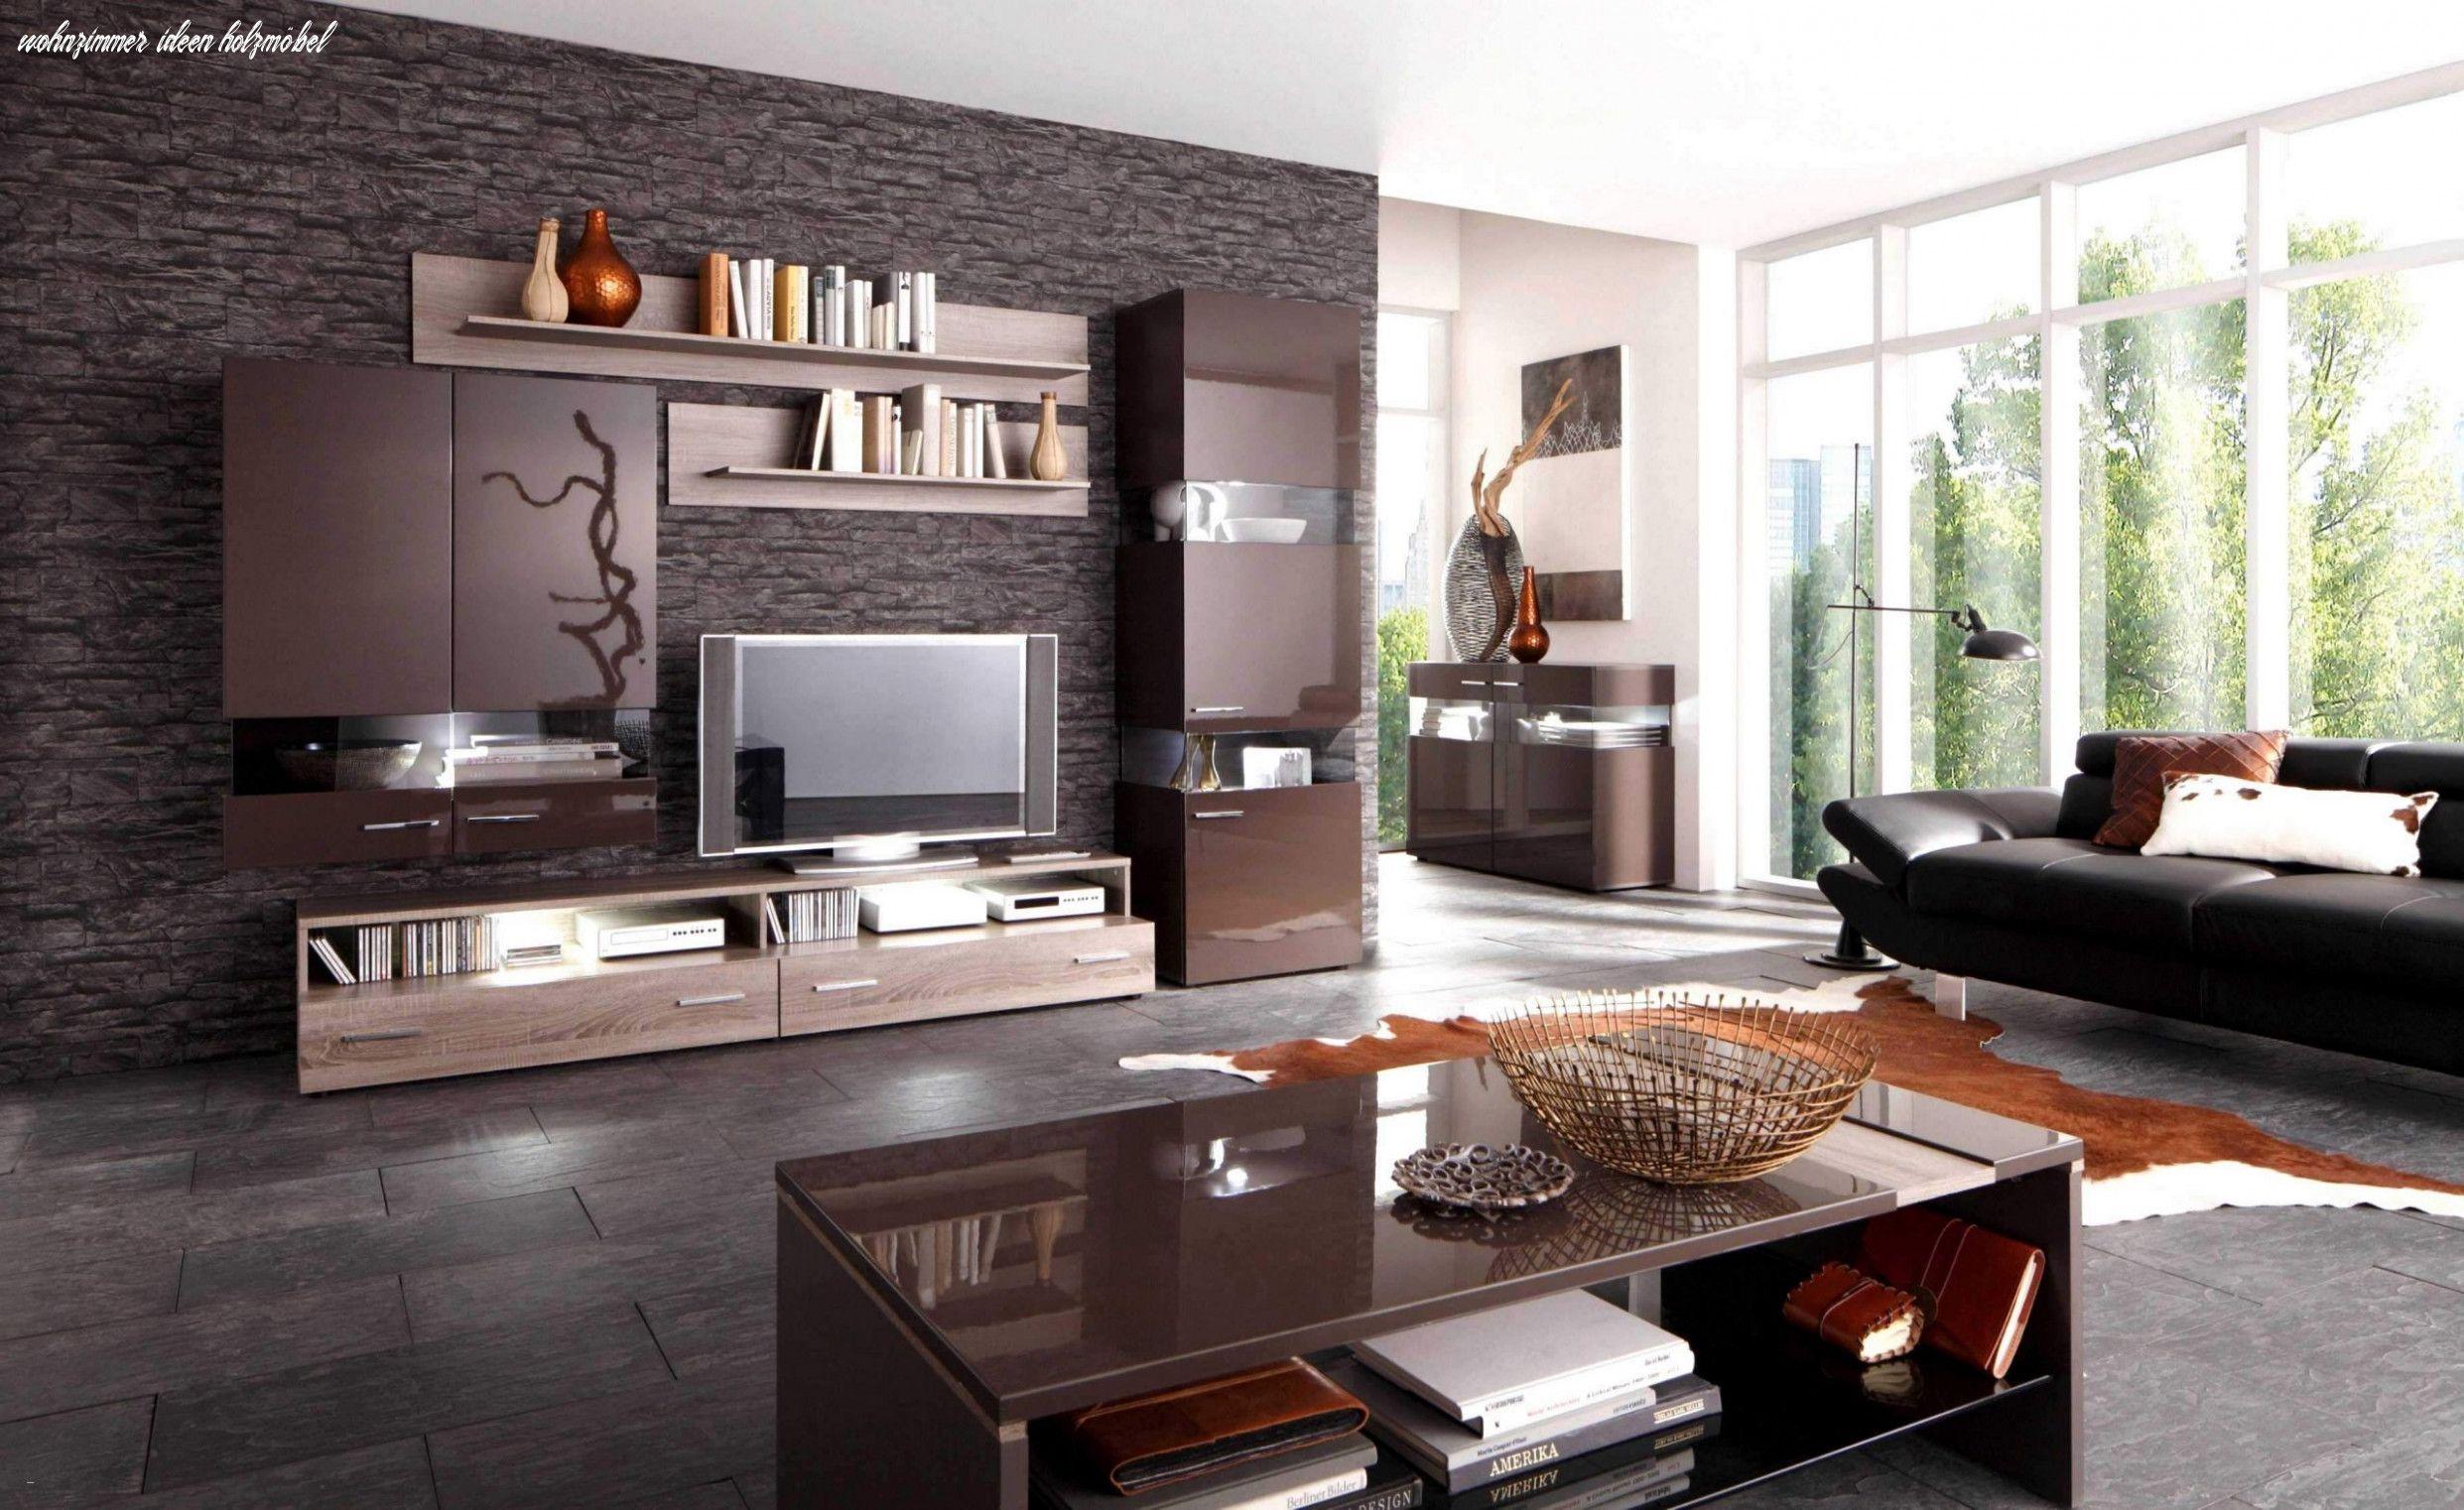 6 Lektionen, Die Ich Von Wohnzimmer Ideen Holzmöbel Gelernt Habe